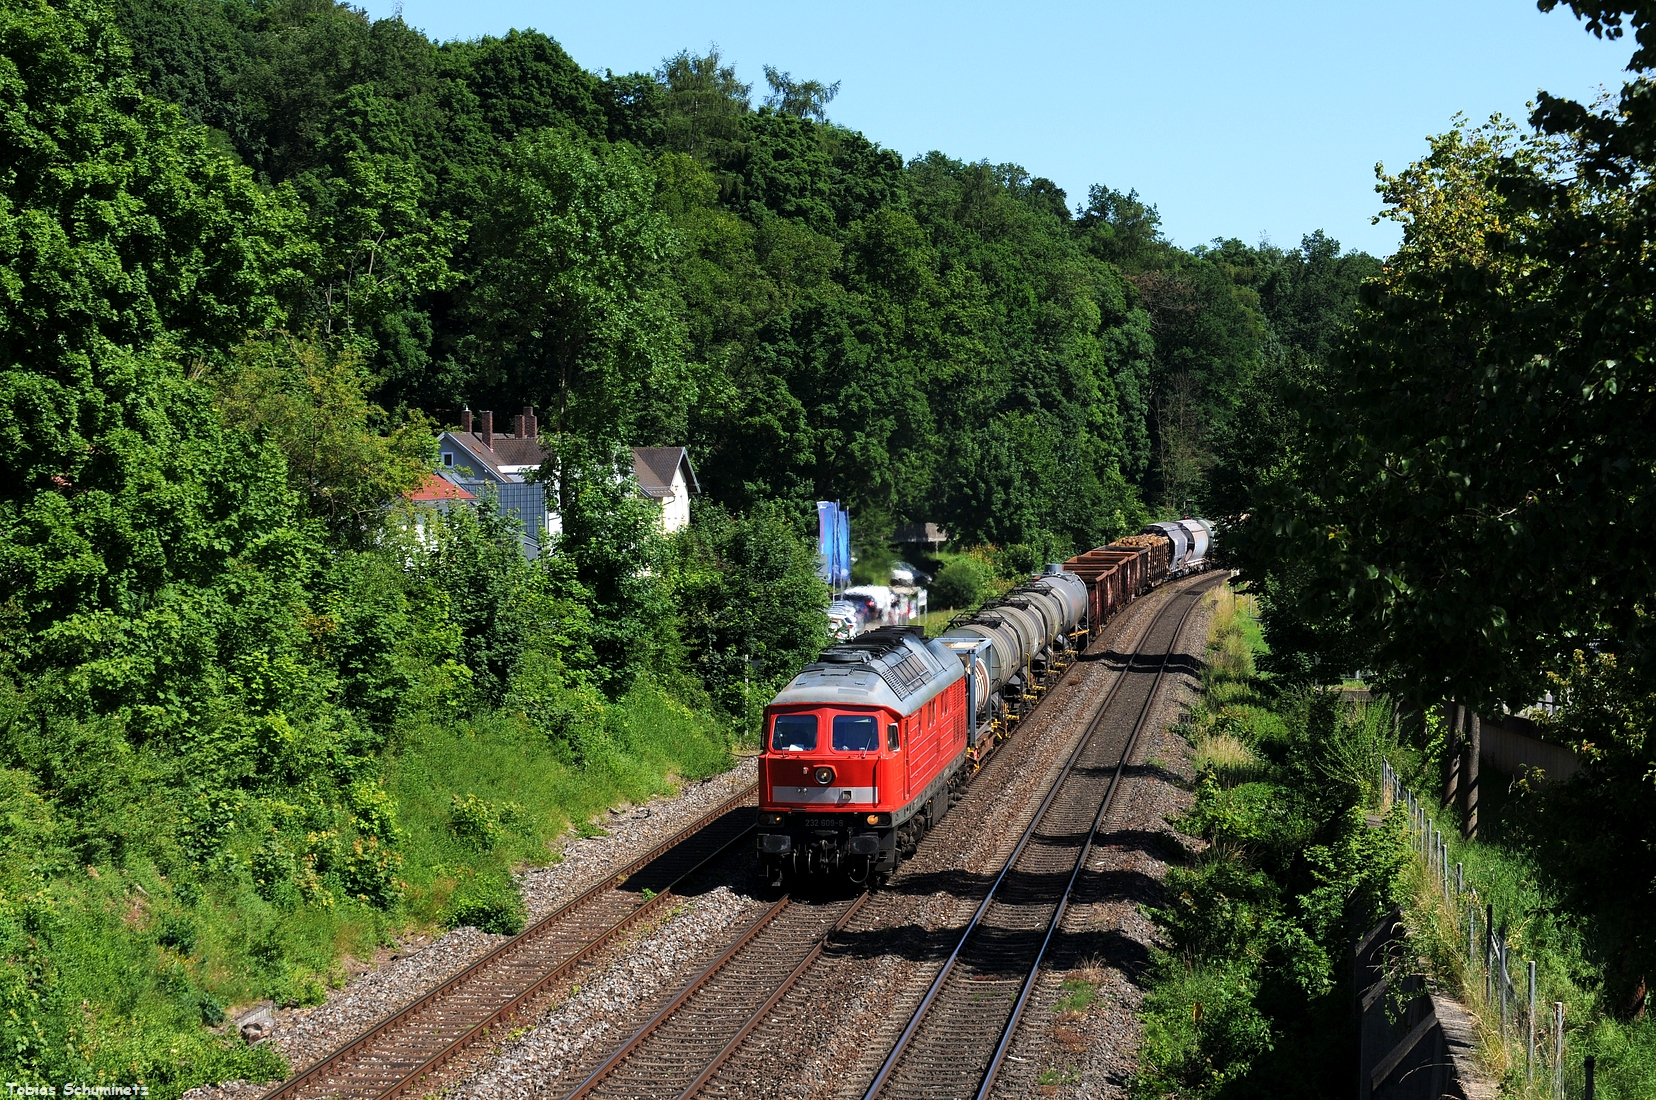 AM Nachmittag des 19.06.2017 wurde 232 609 mit dem EK56014 bei der Ausfahrt aus Amberg im Bild festgehalten.